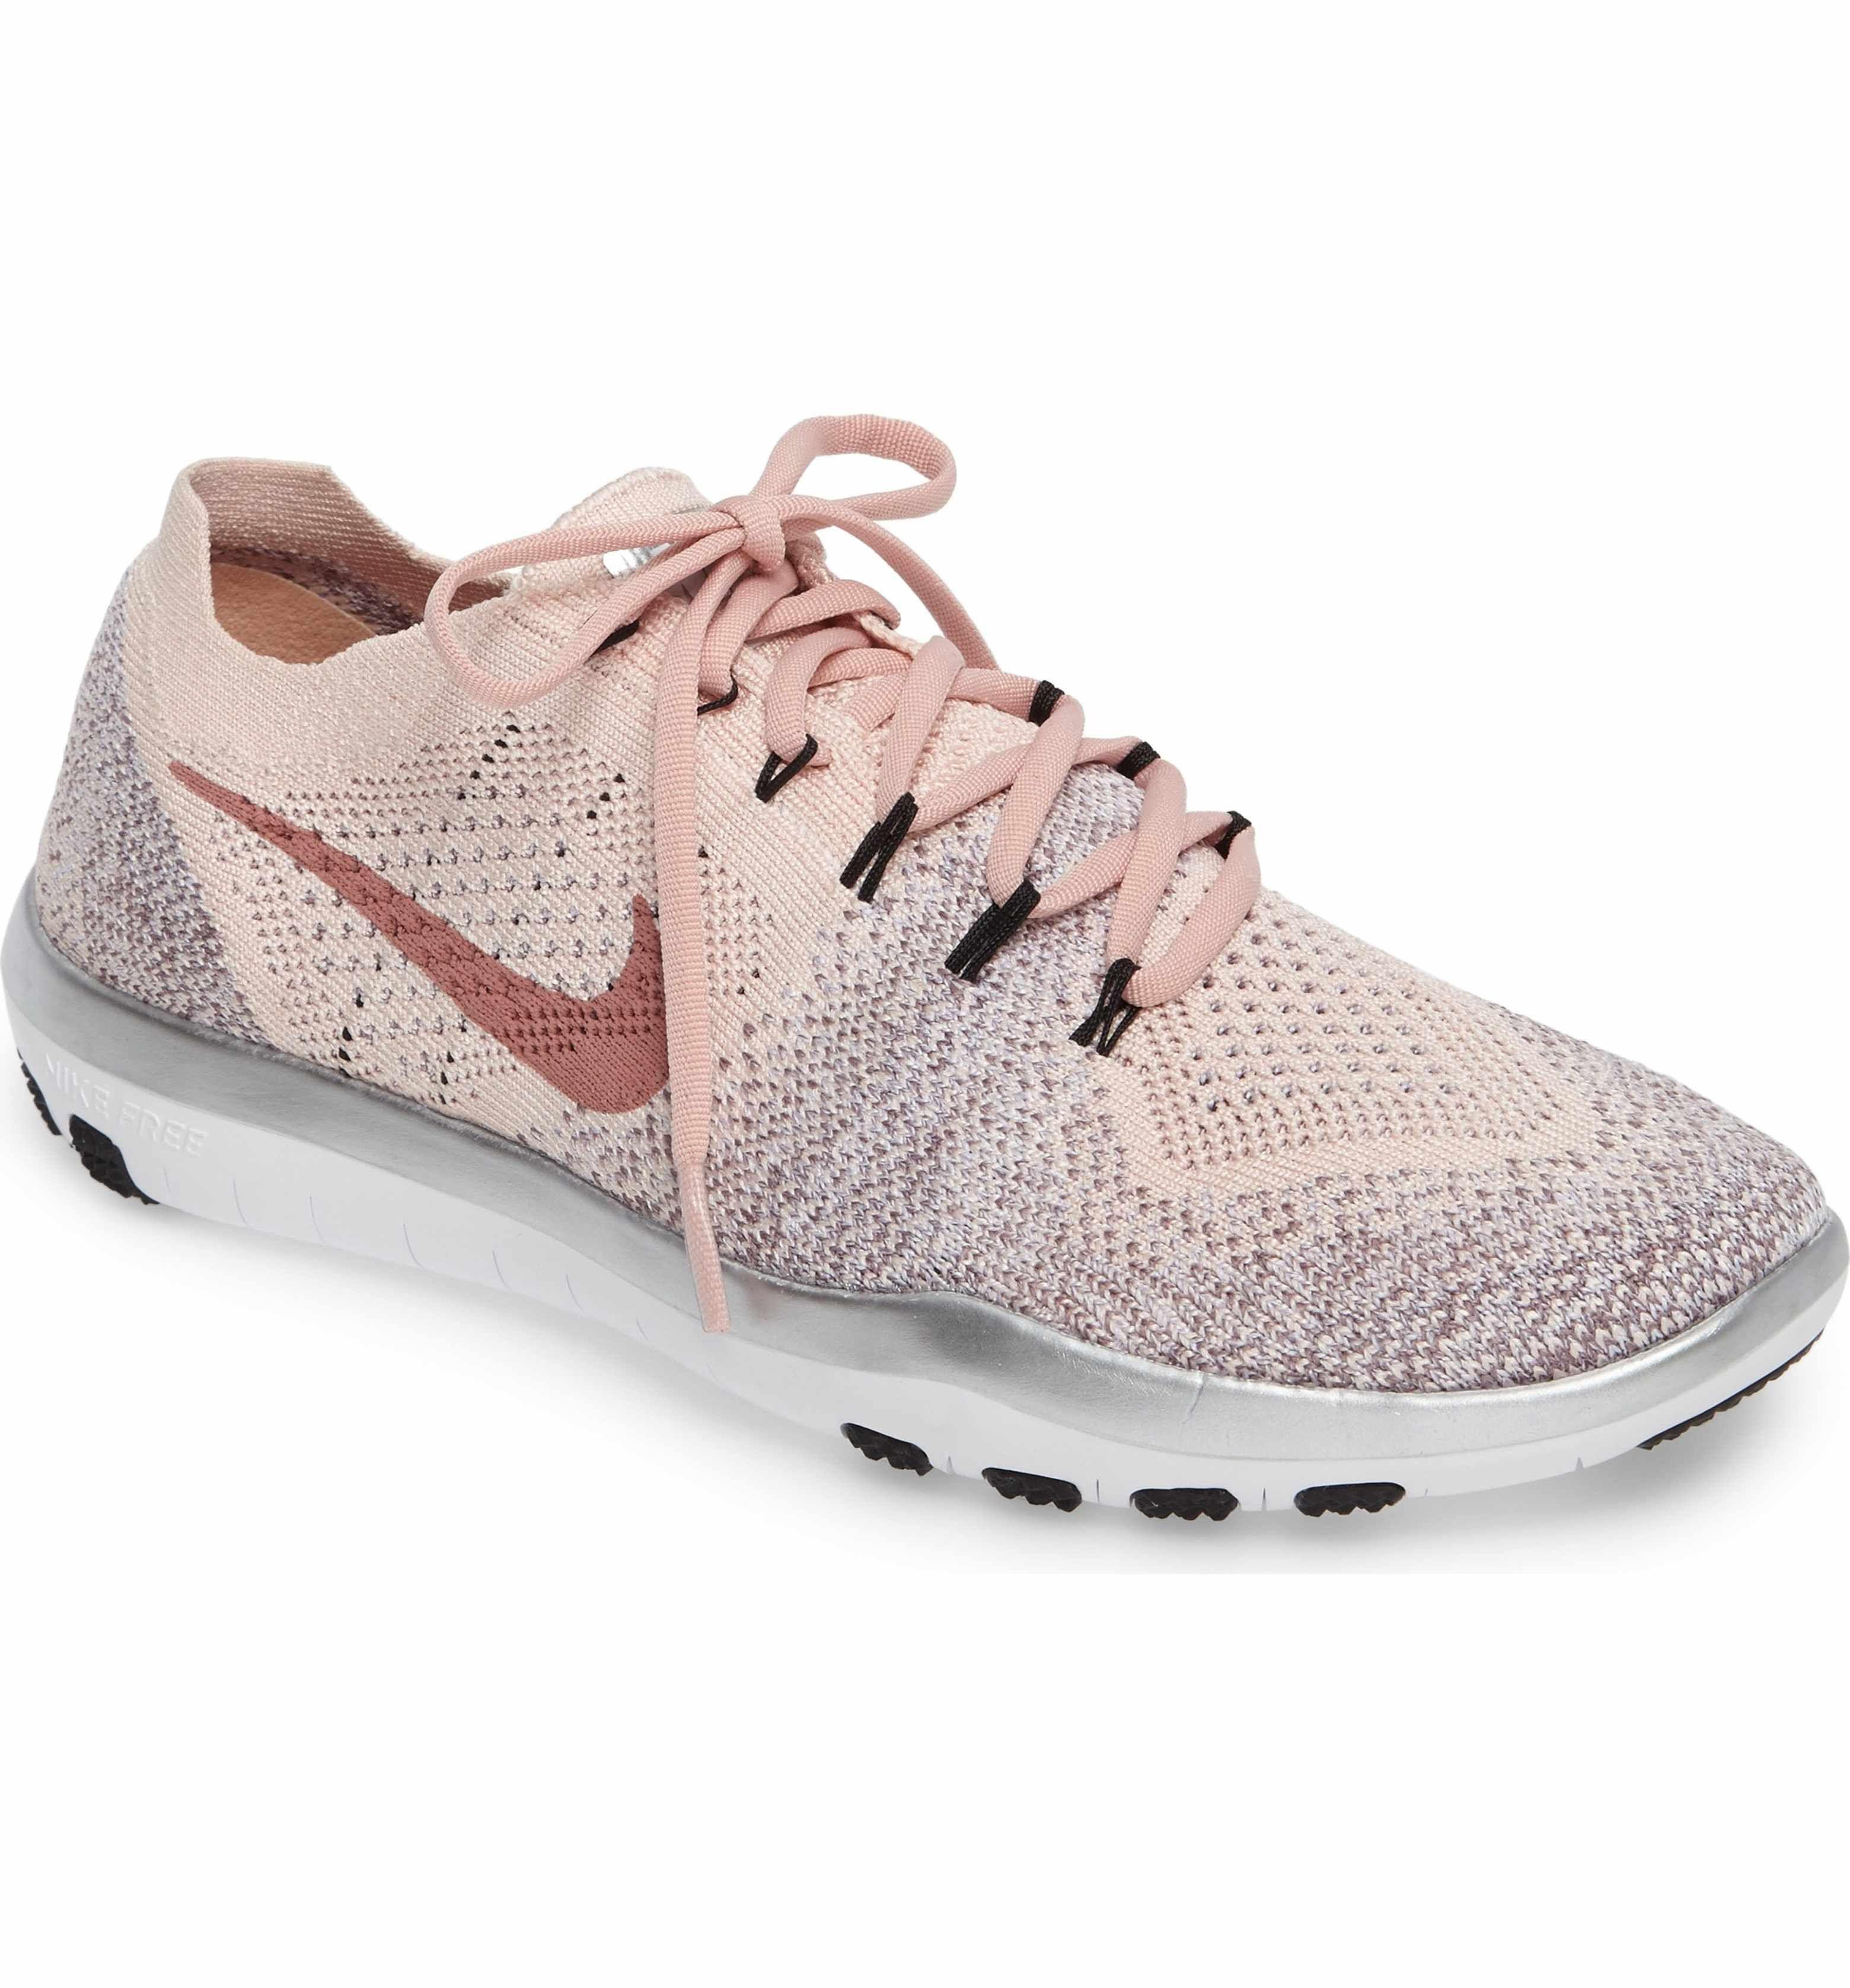 half off 9a140 0b1c3 Main Image - Nike Free Focus Flyknit 2 Bionic Training Shoe (Women) https